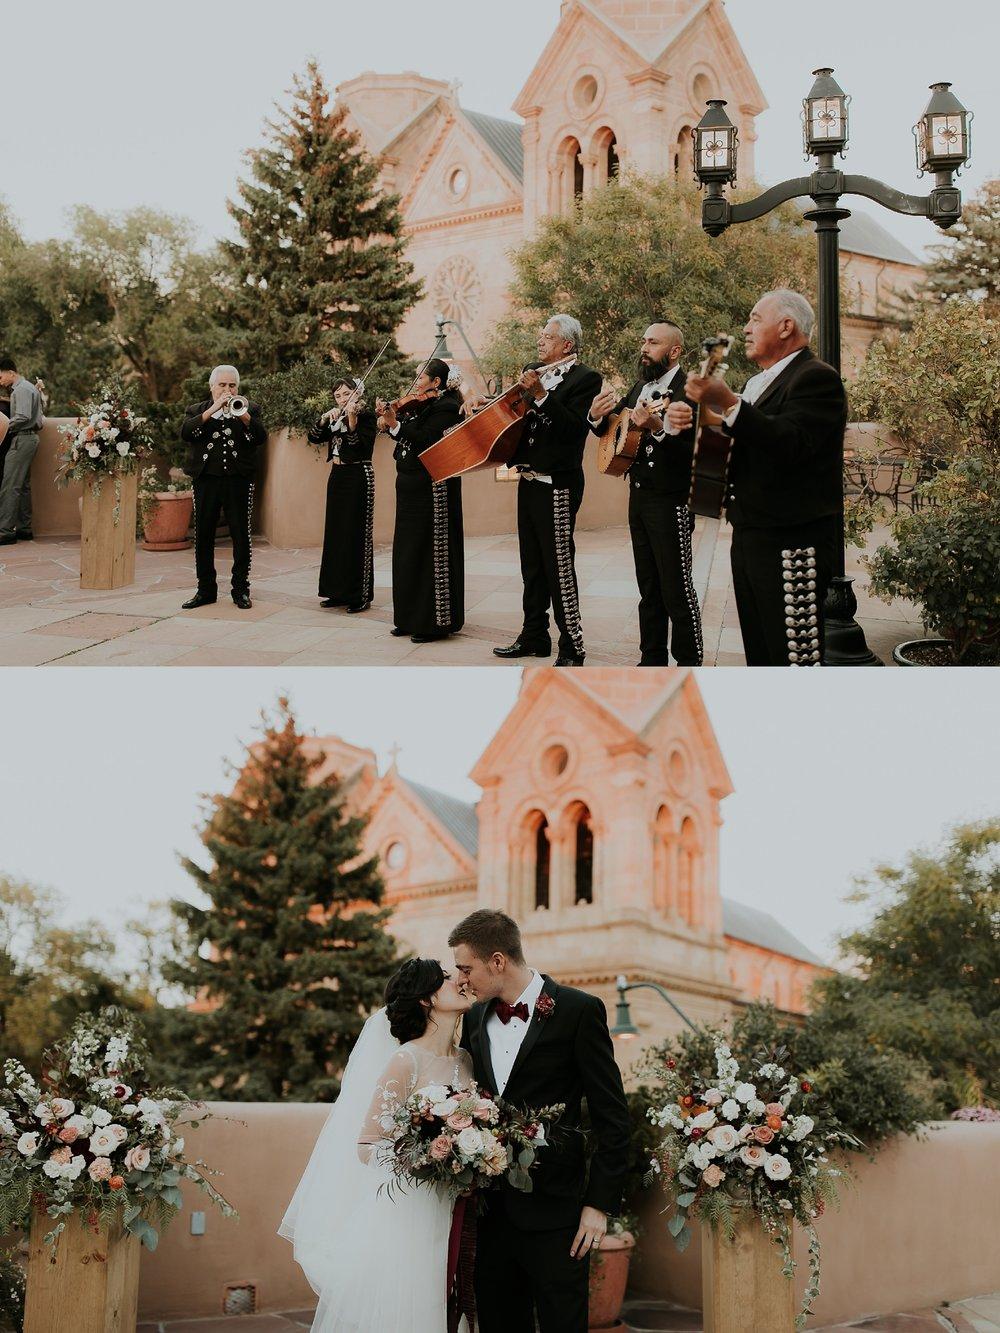 Alicia+lucia+photography+-+albuquerque+wedding+photographer+-+santa+fe+wedding+photography+-+new+mexico+wedding+photographer+-+new+mexico+wedding+-+santa+fe+wedding+-+albuquerque+wedding+-+southwest+wedding+traditions_0036.jpg